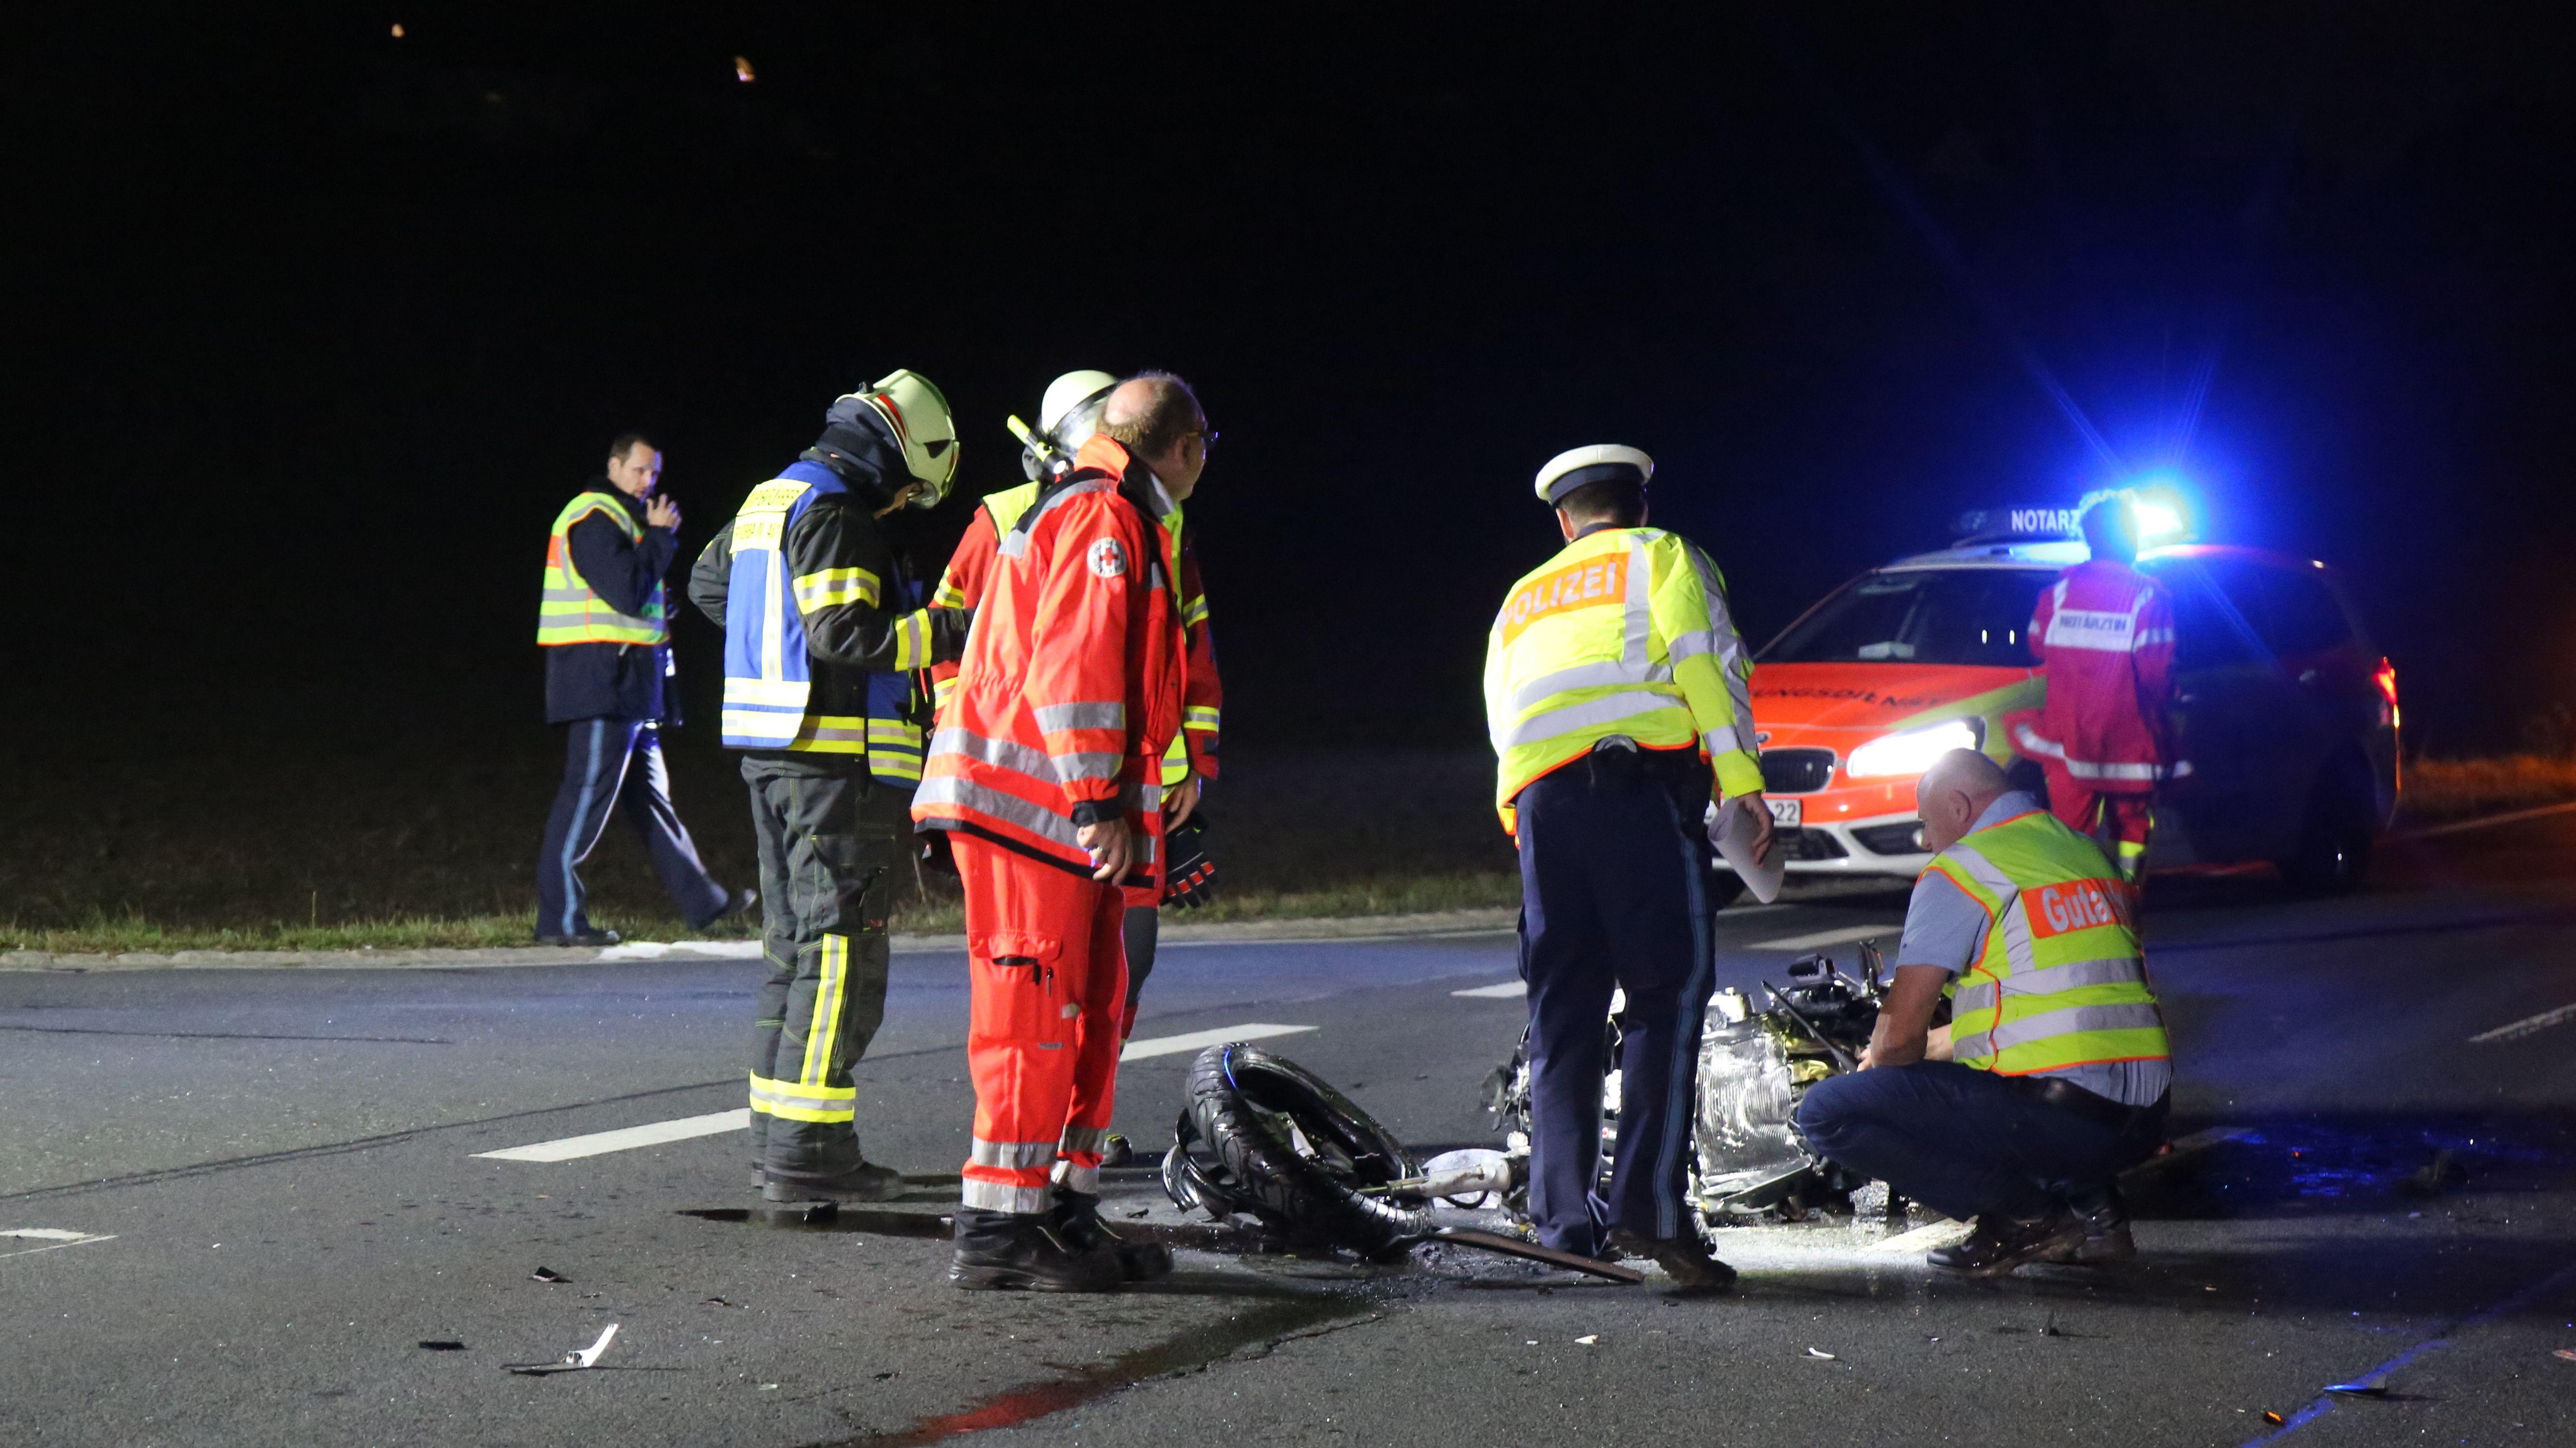 Am Samstagabend ist es zu einem tödlichen Unfall nahe Marktzeuln in Lichtenfels gekommen.